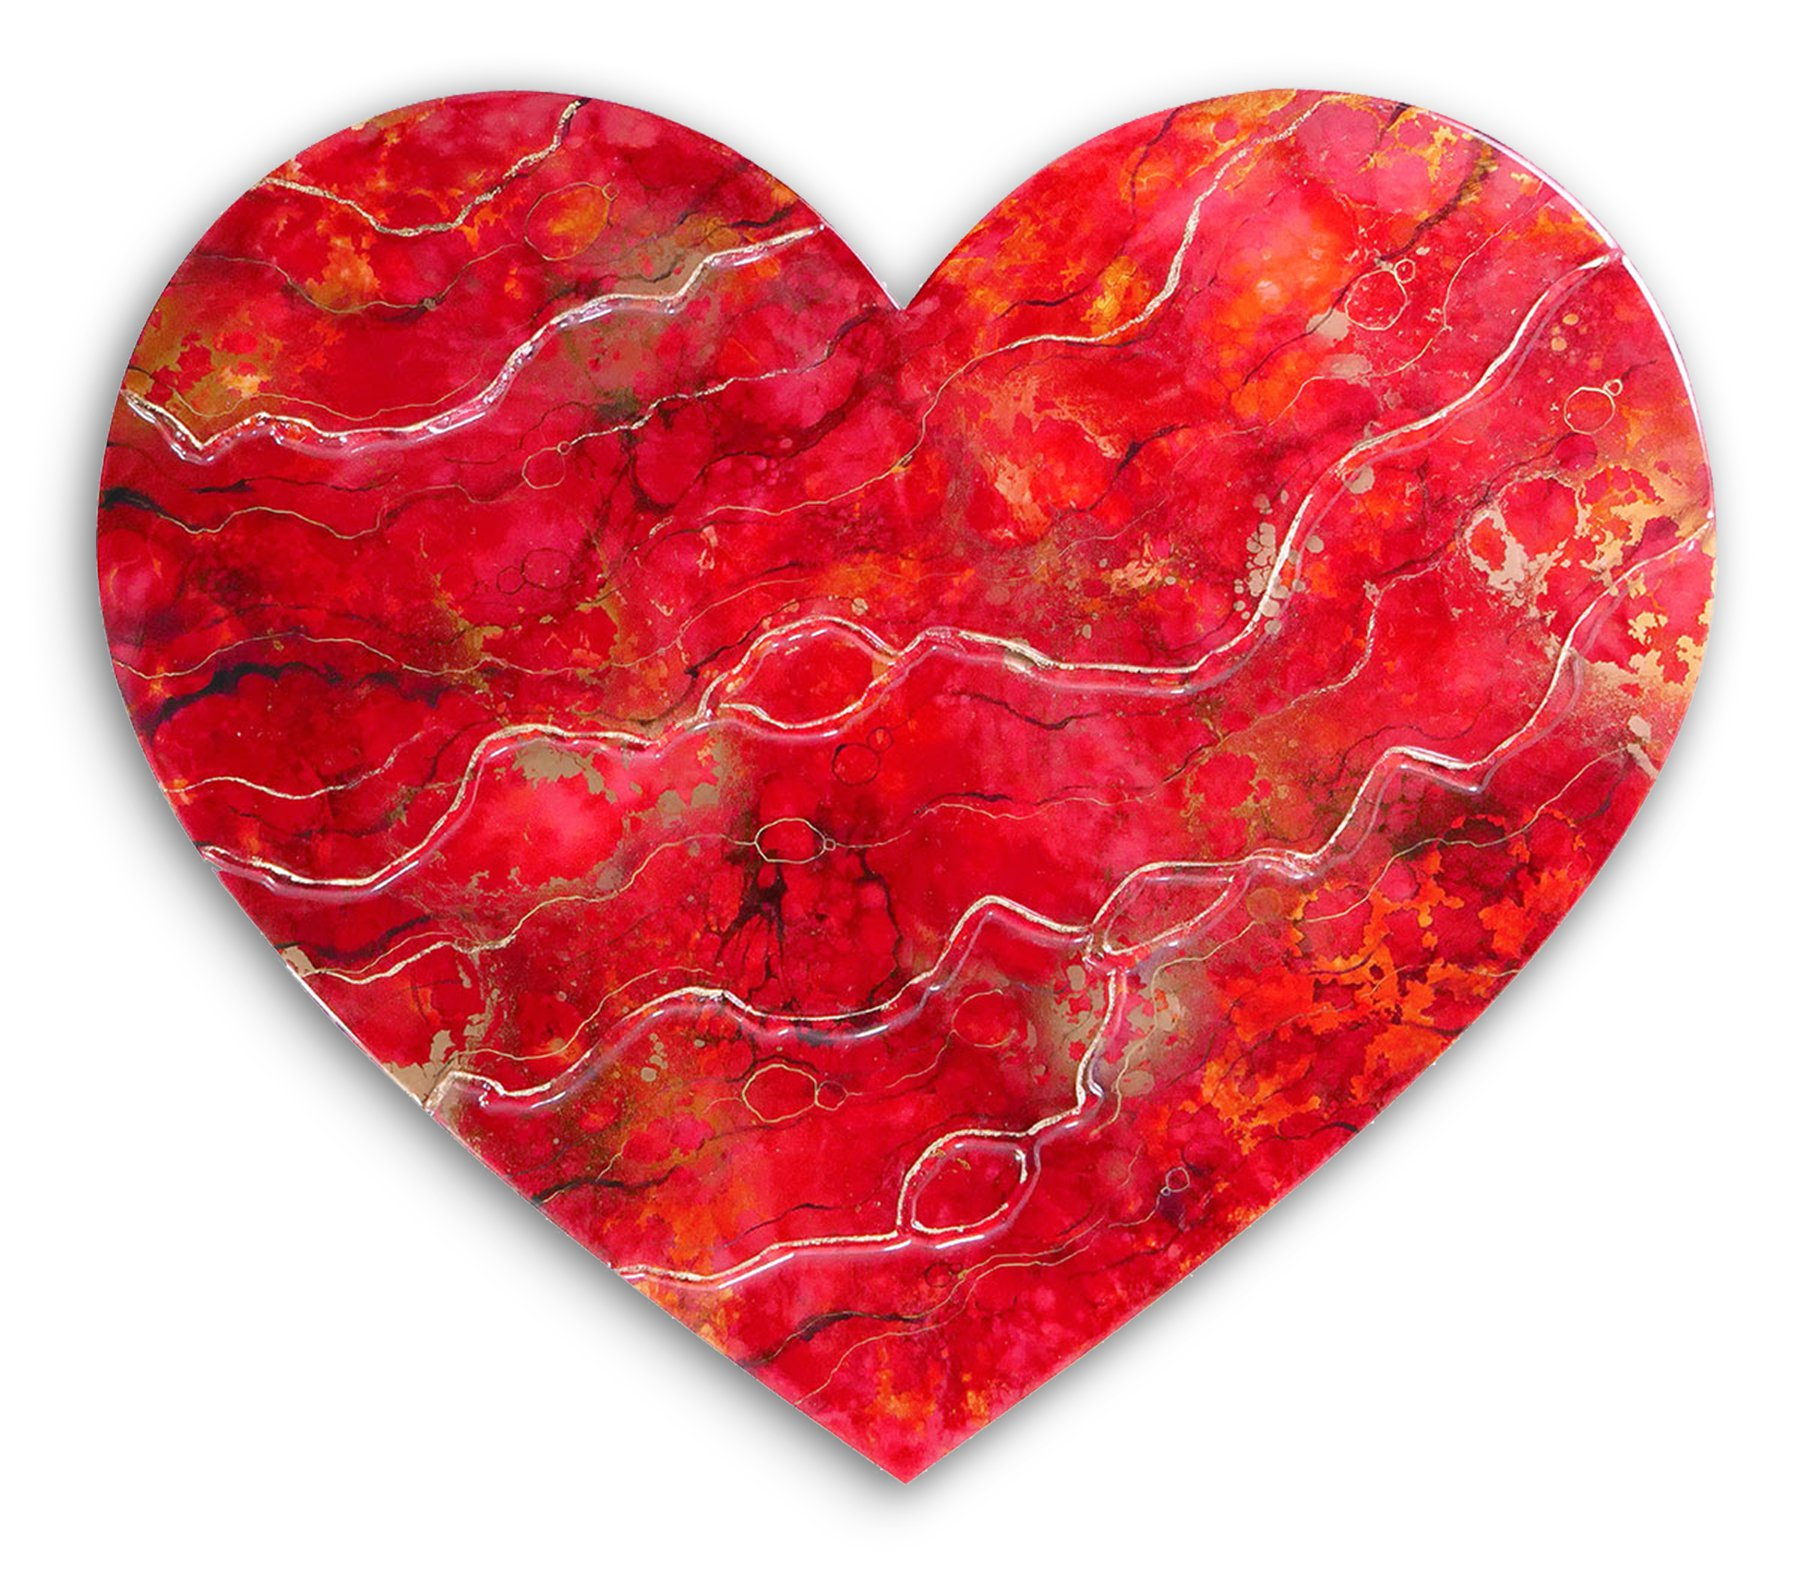 Sweet Heart by Kerry Darlington